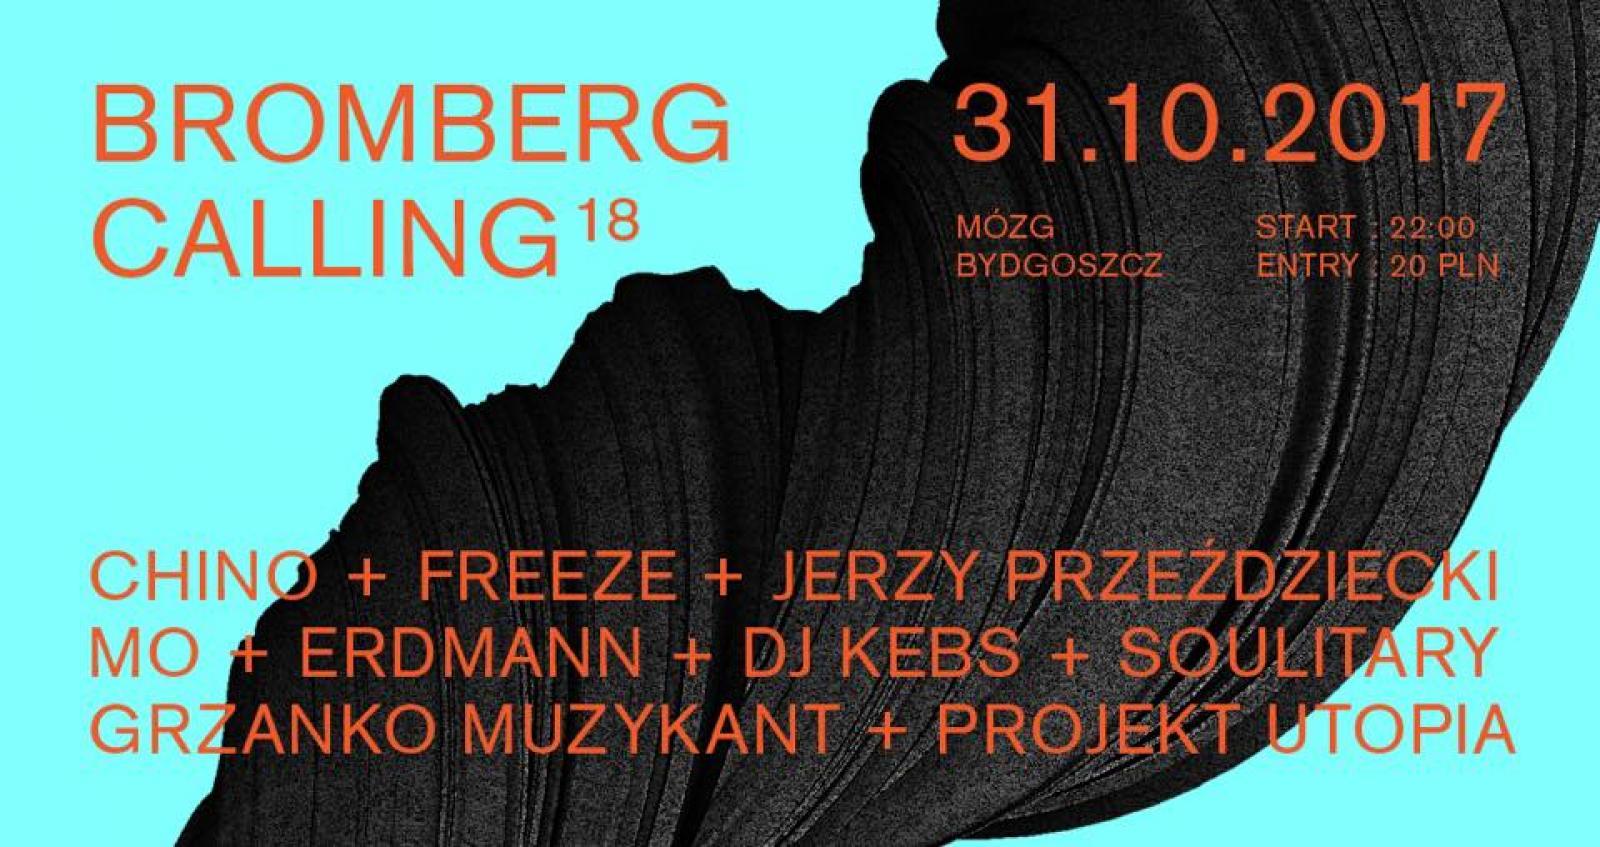 Bromberg Calling No. 18